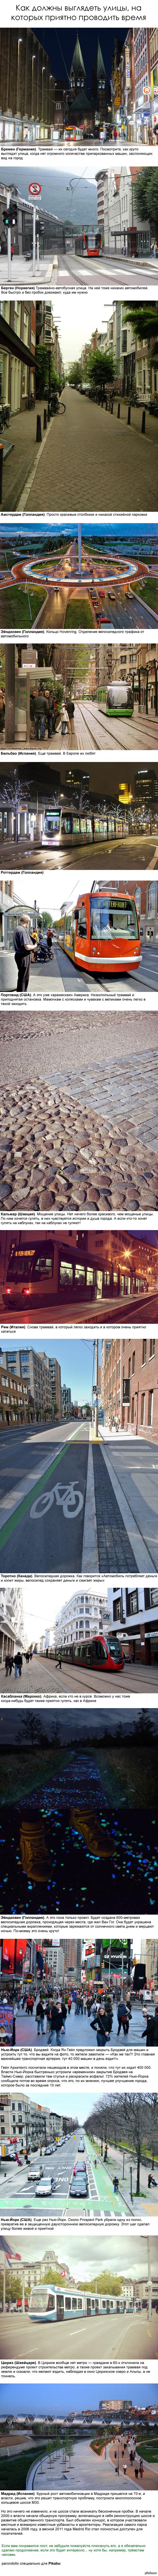 Как должны выглядеть улицы, на которых приятно проводить время   улица, города, трамвай, пробки, длиннопост